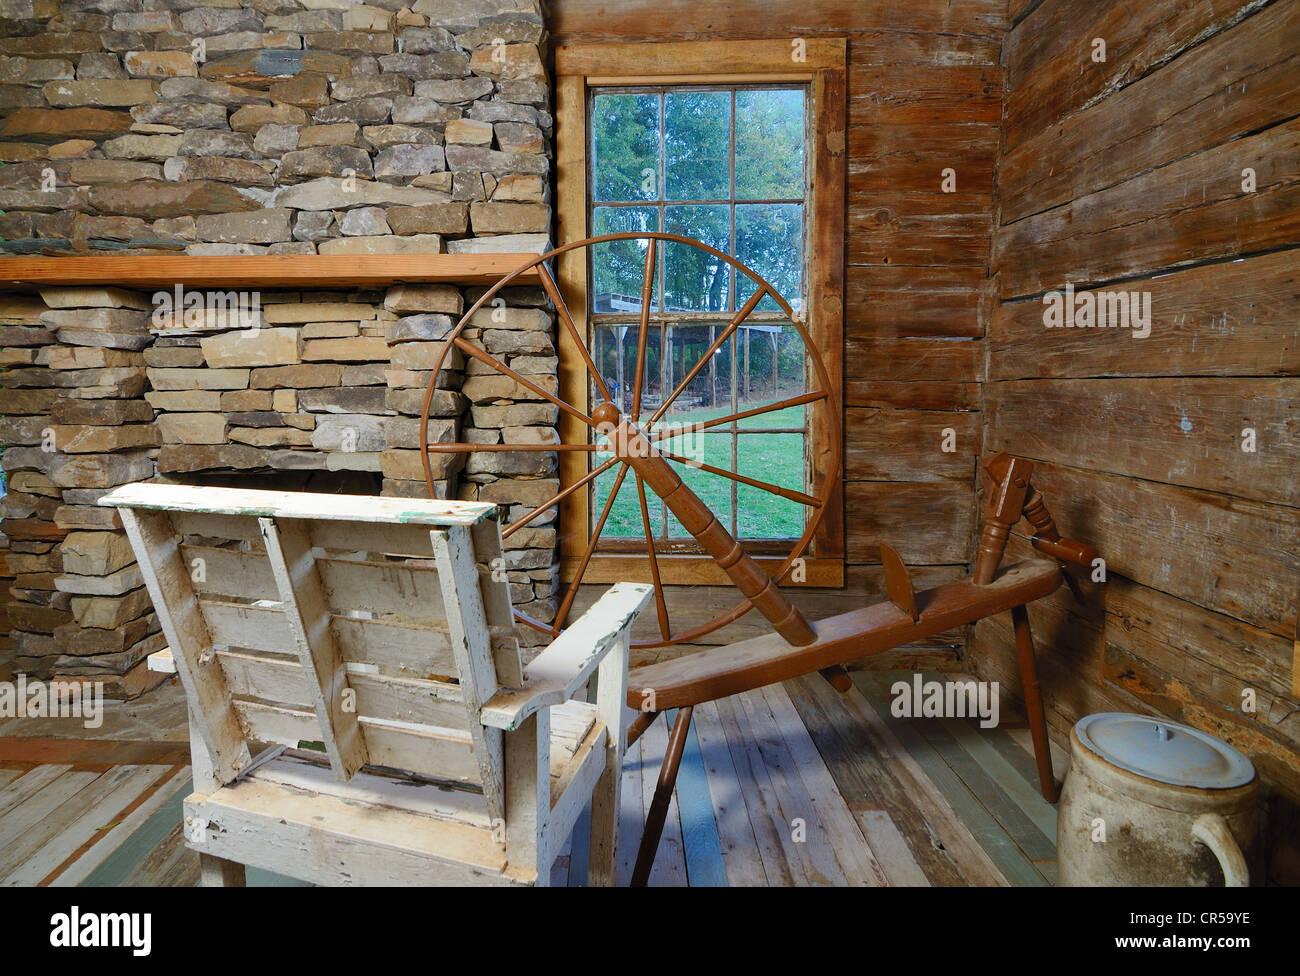 ein Vintage Webstuhl in einem zeitgenössischen Stil-Haus Stockfoto ...